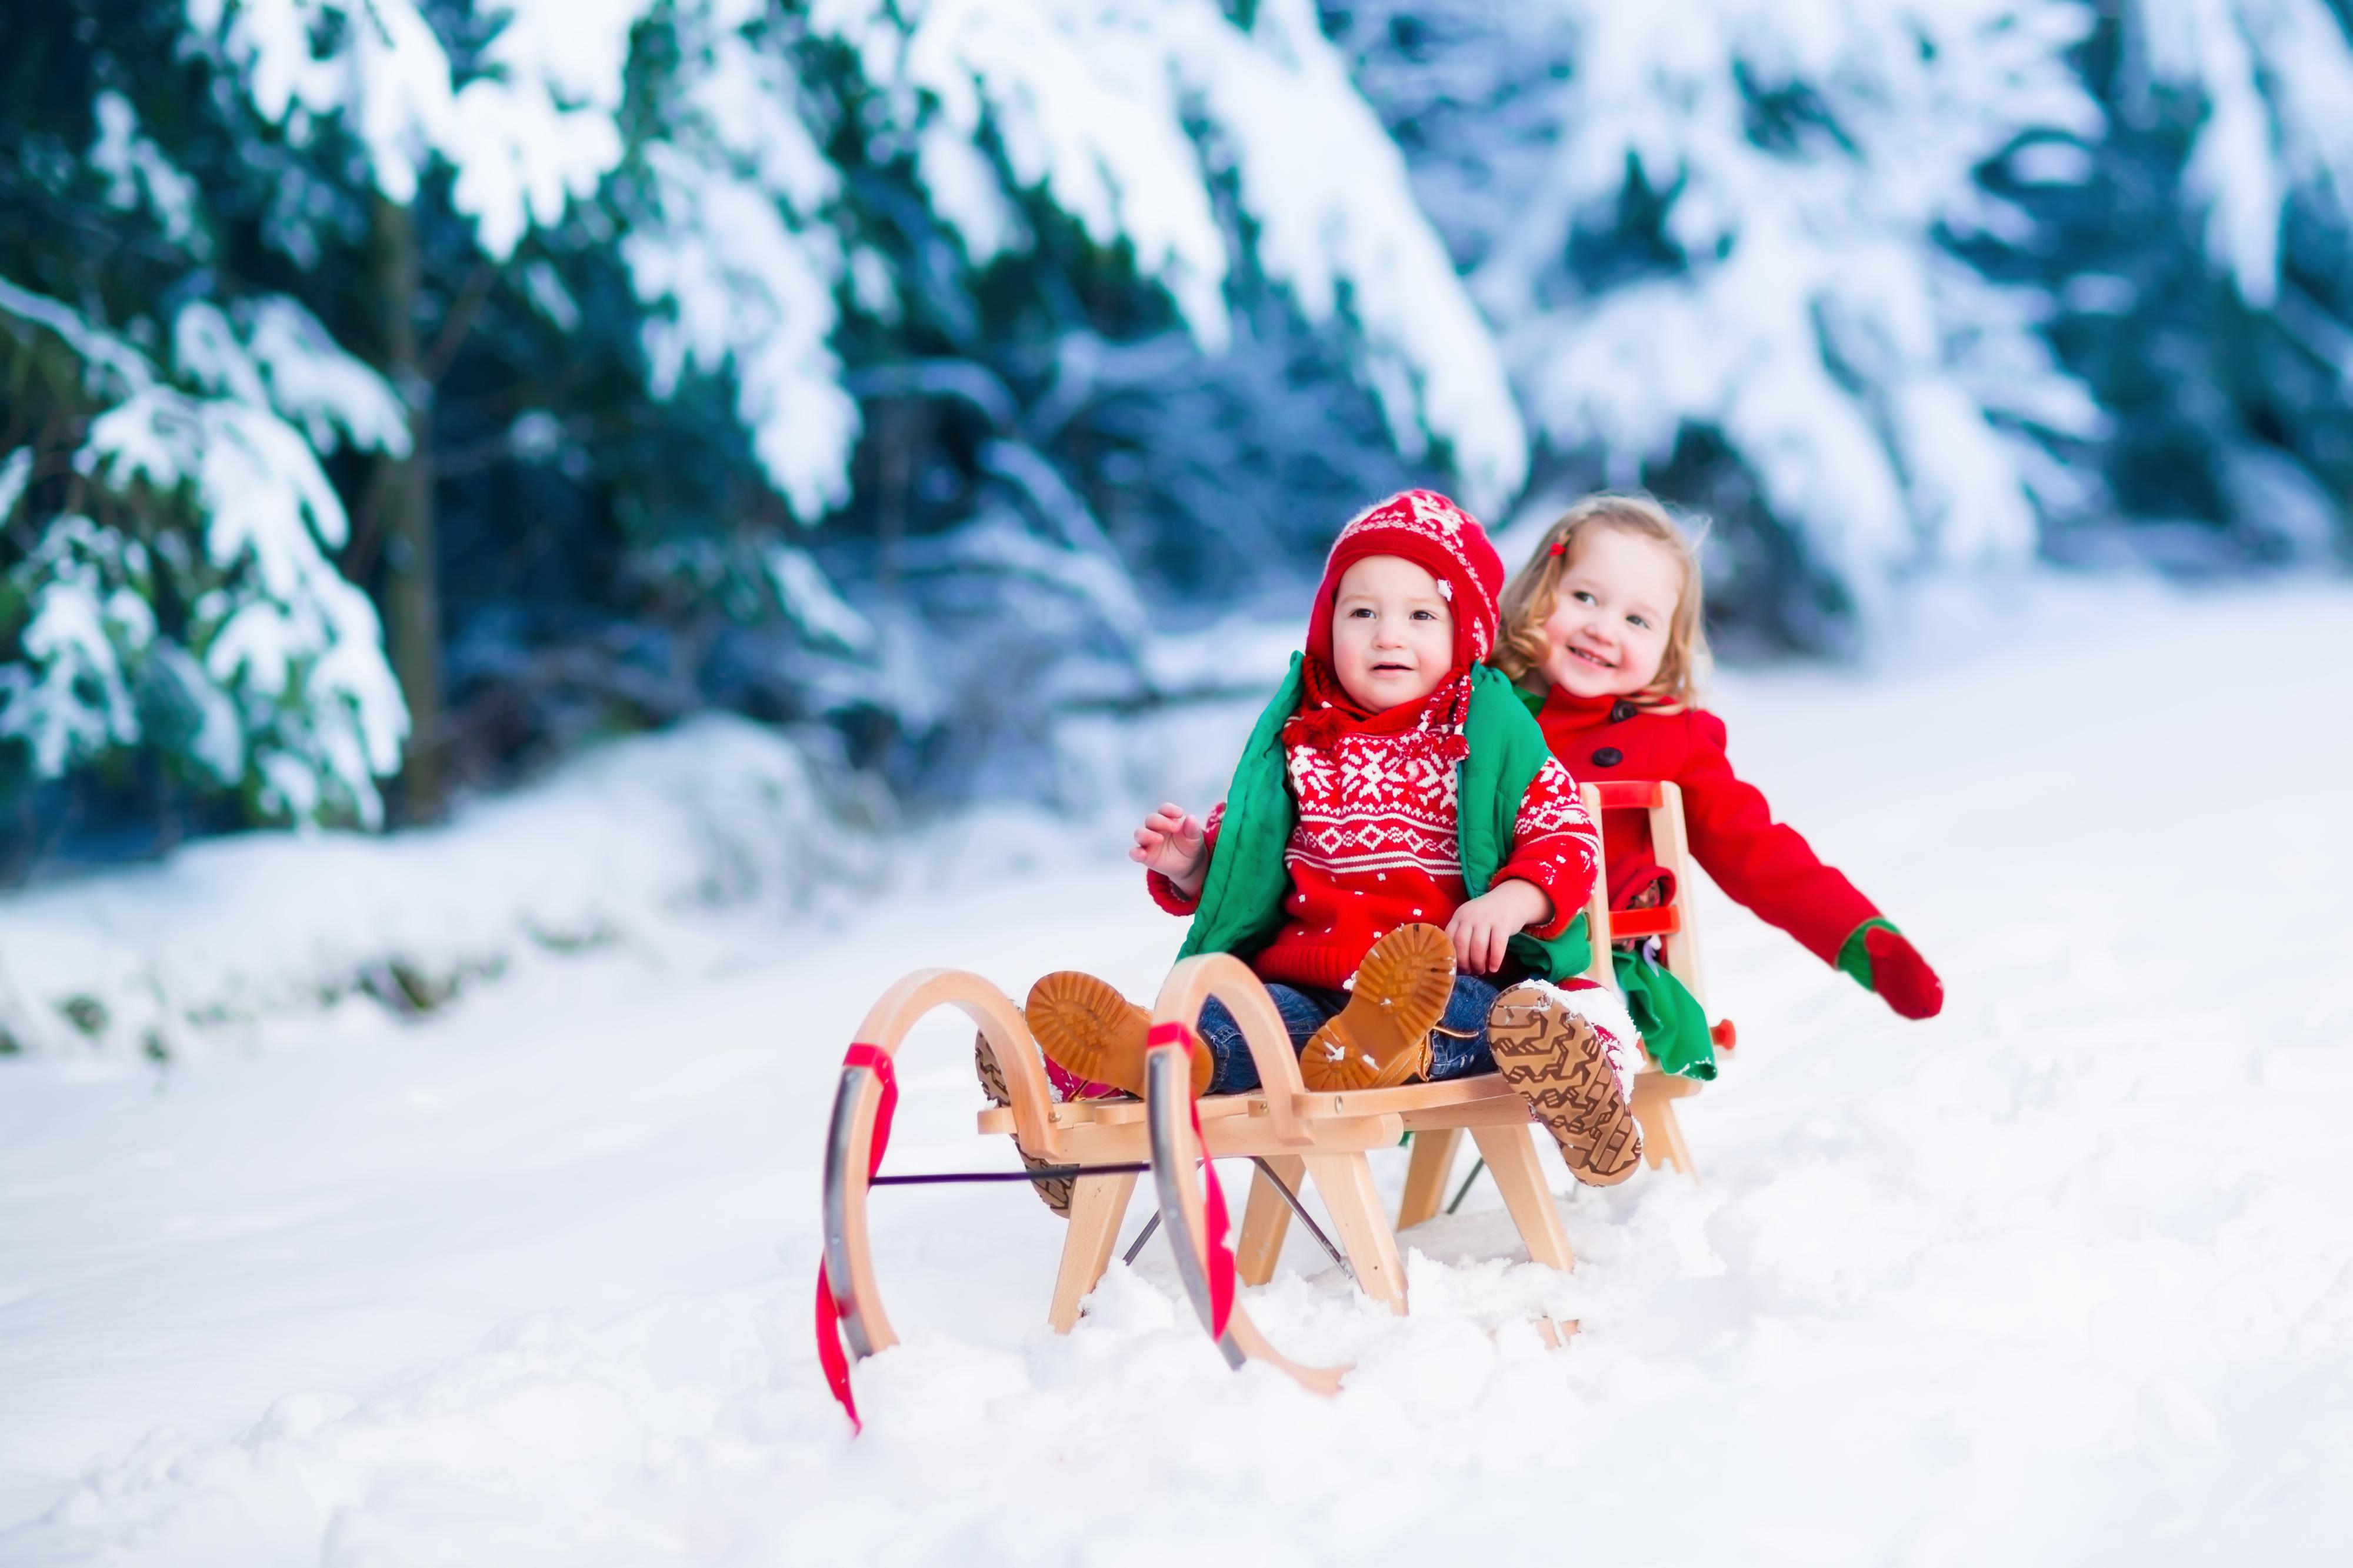 Фото с санками для детей